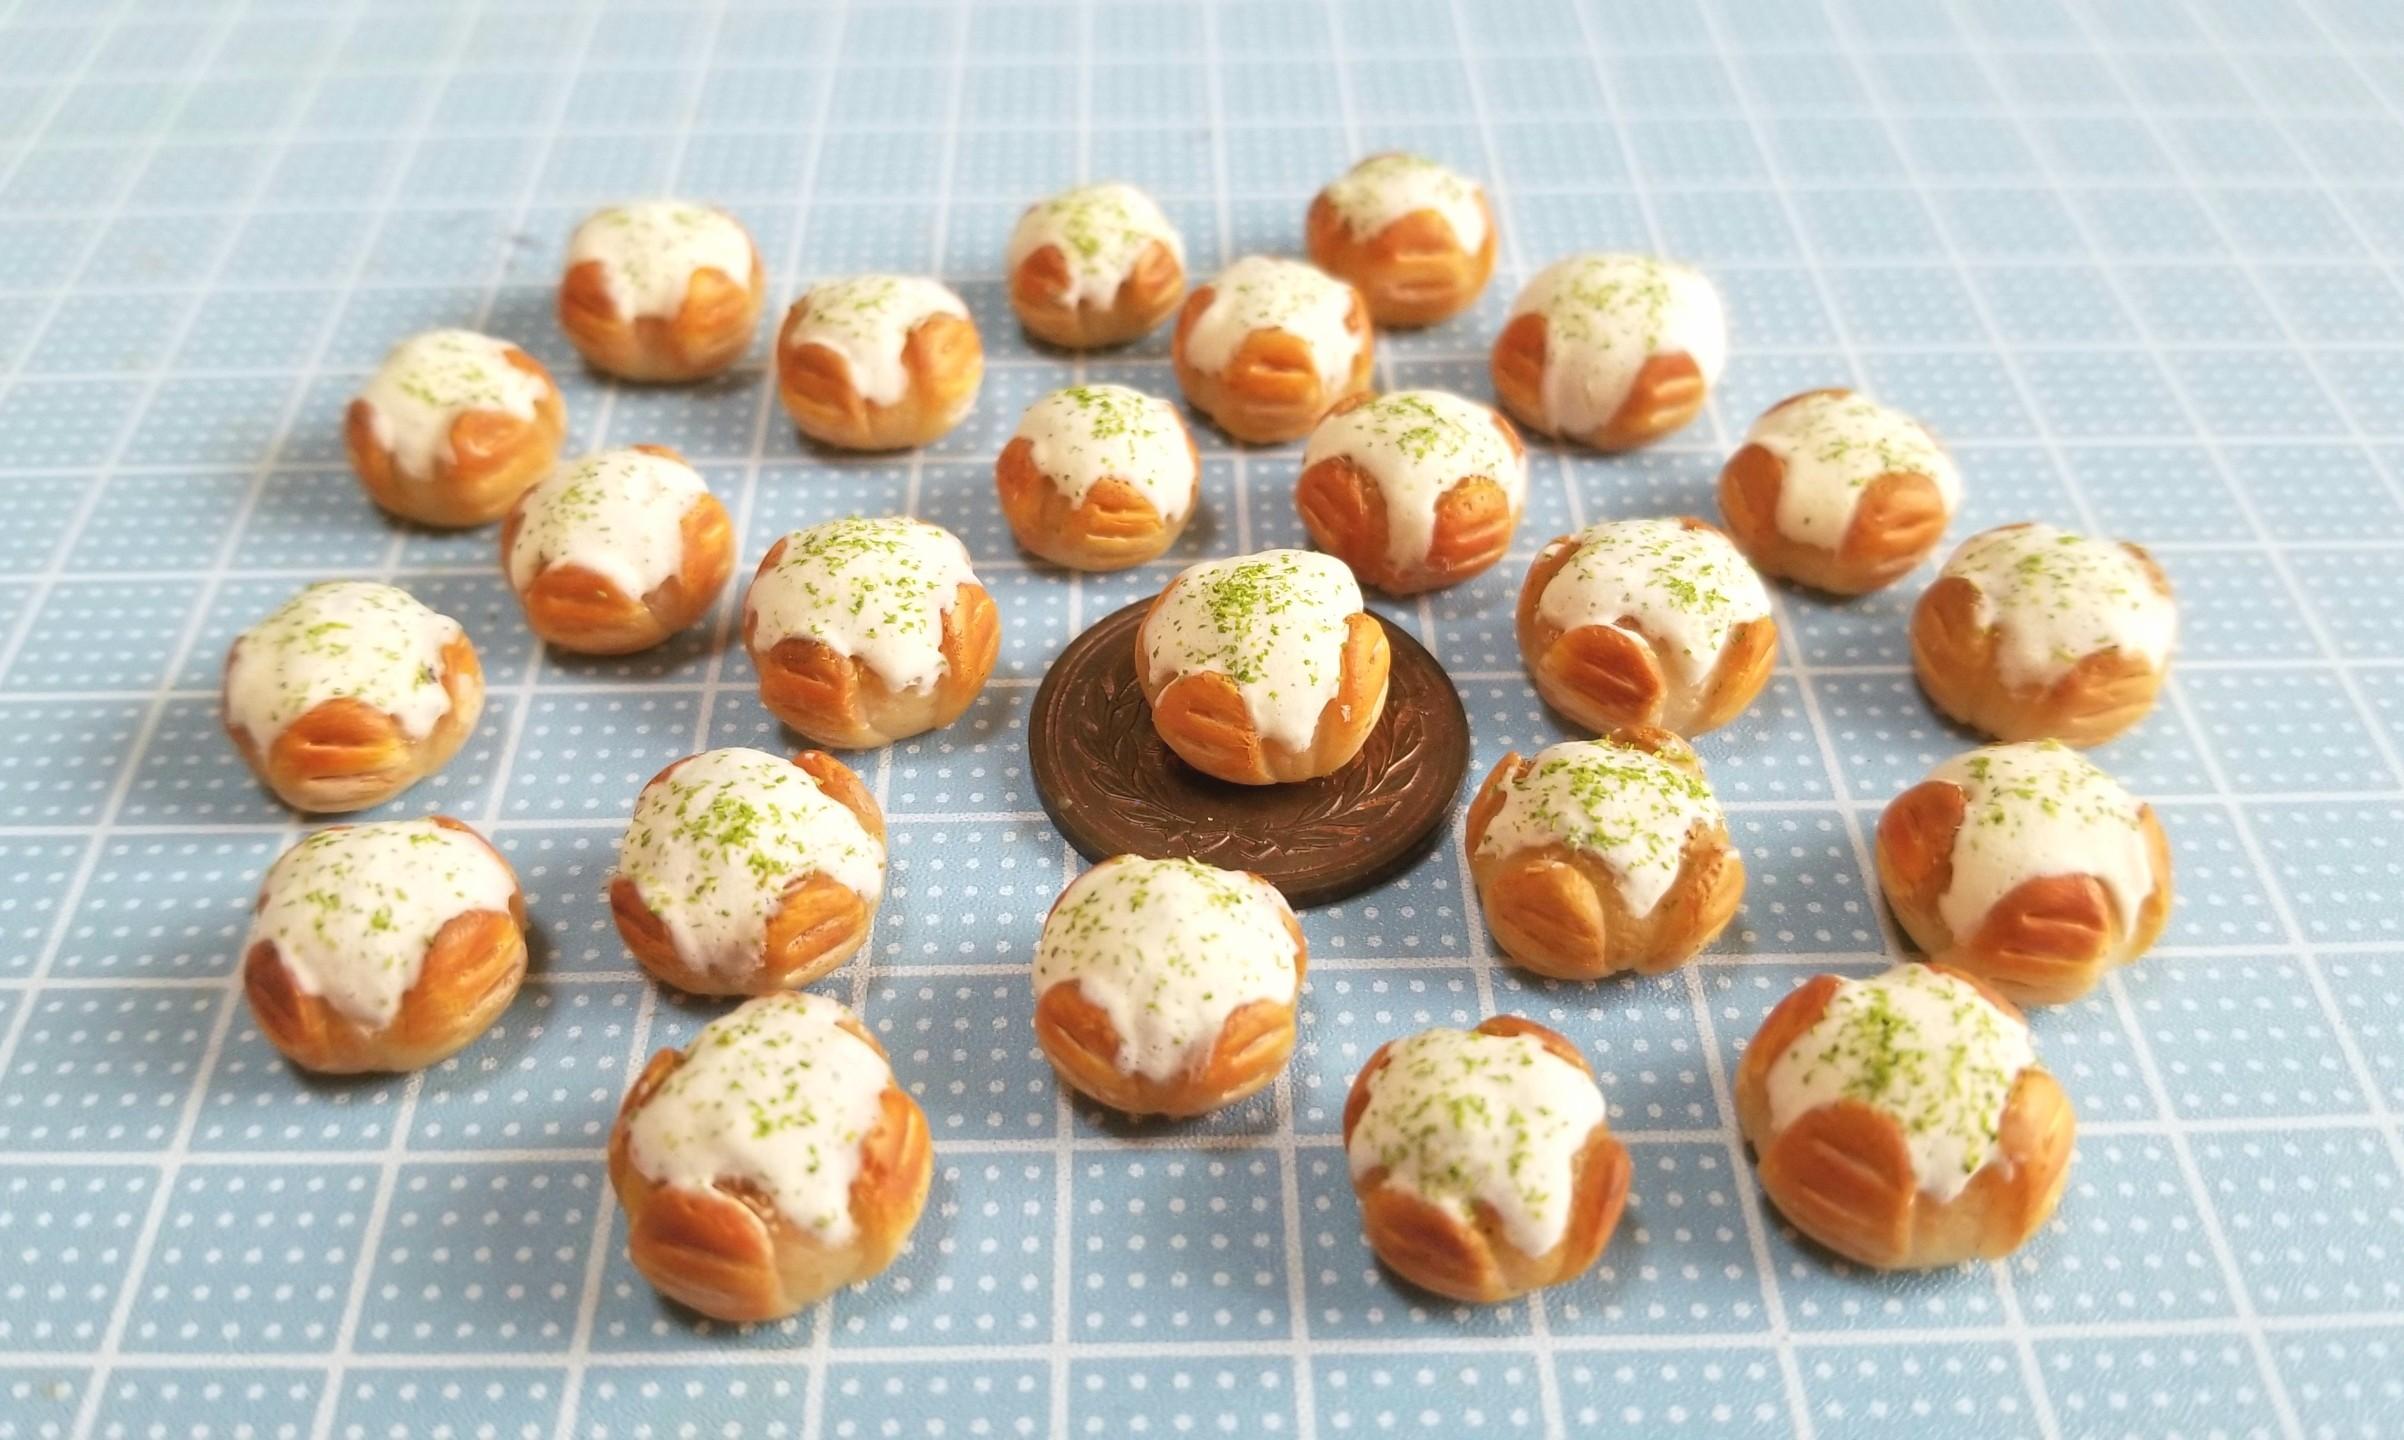 ミニチュアフード,食品サンプル,樹脂粘土,カマンベールチーズパン